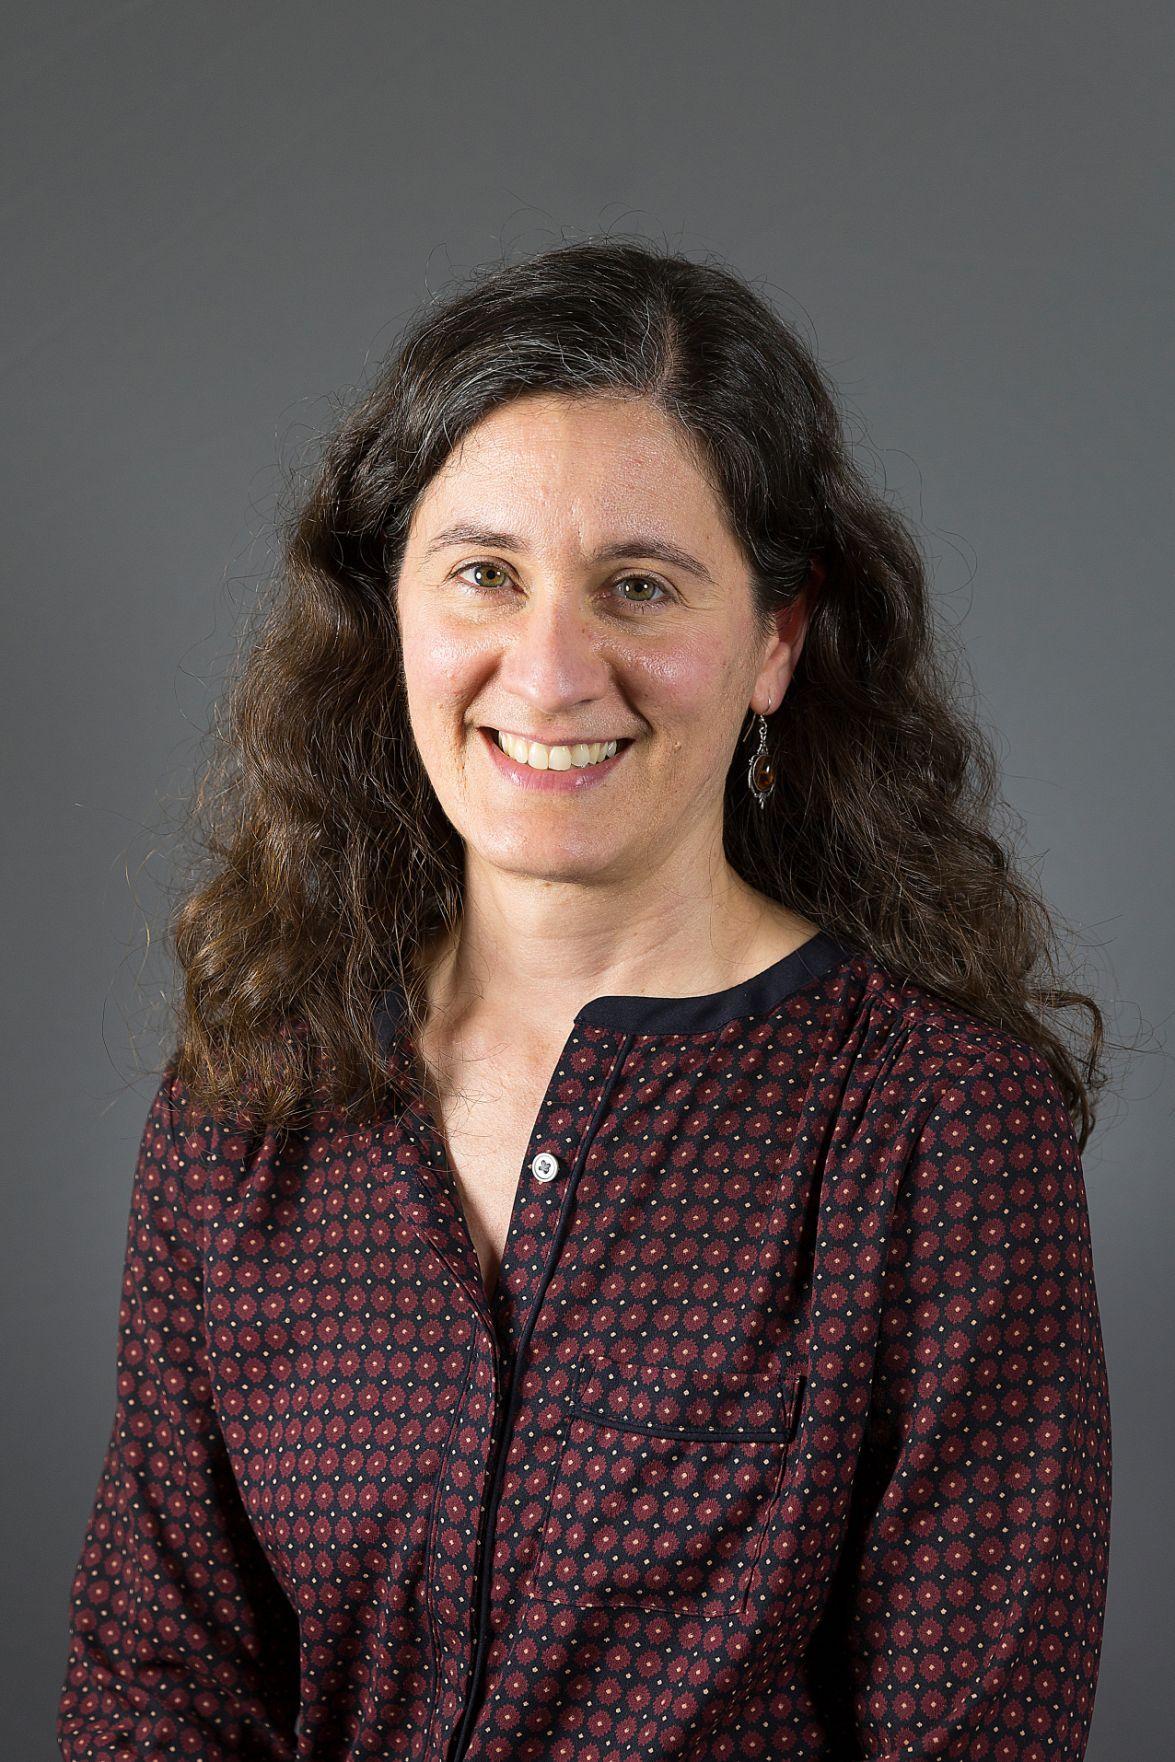 Erika Marin-Spiotta